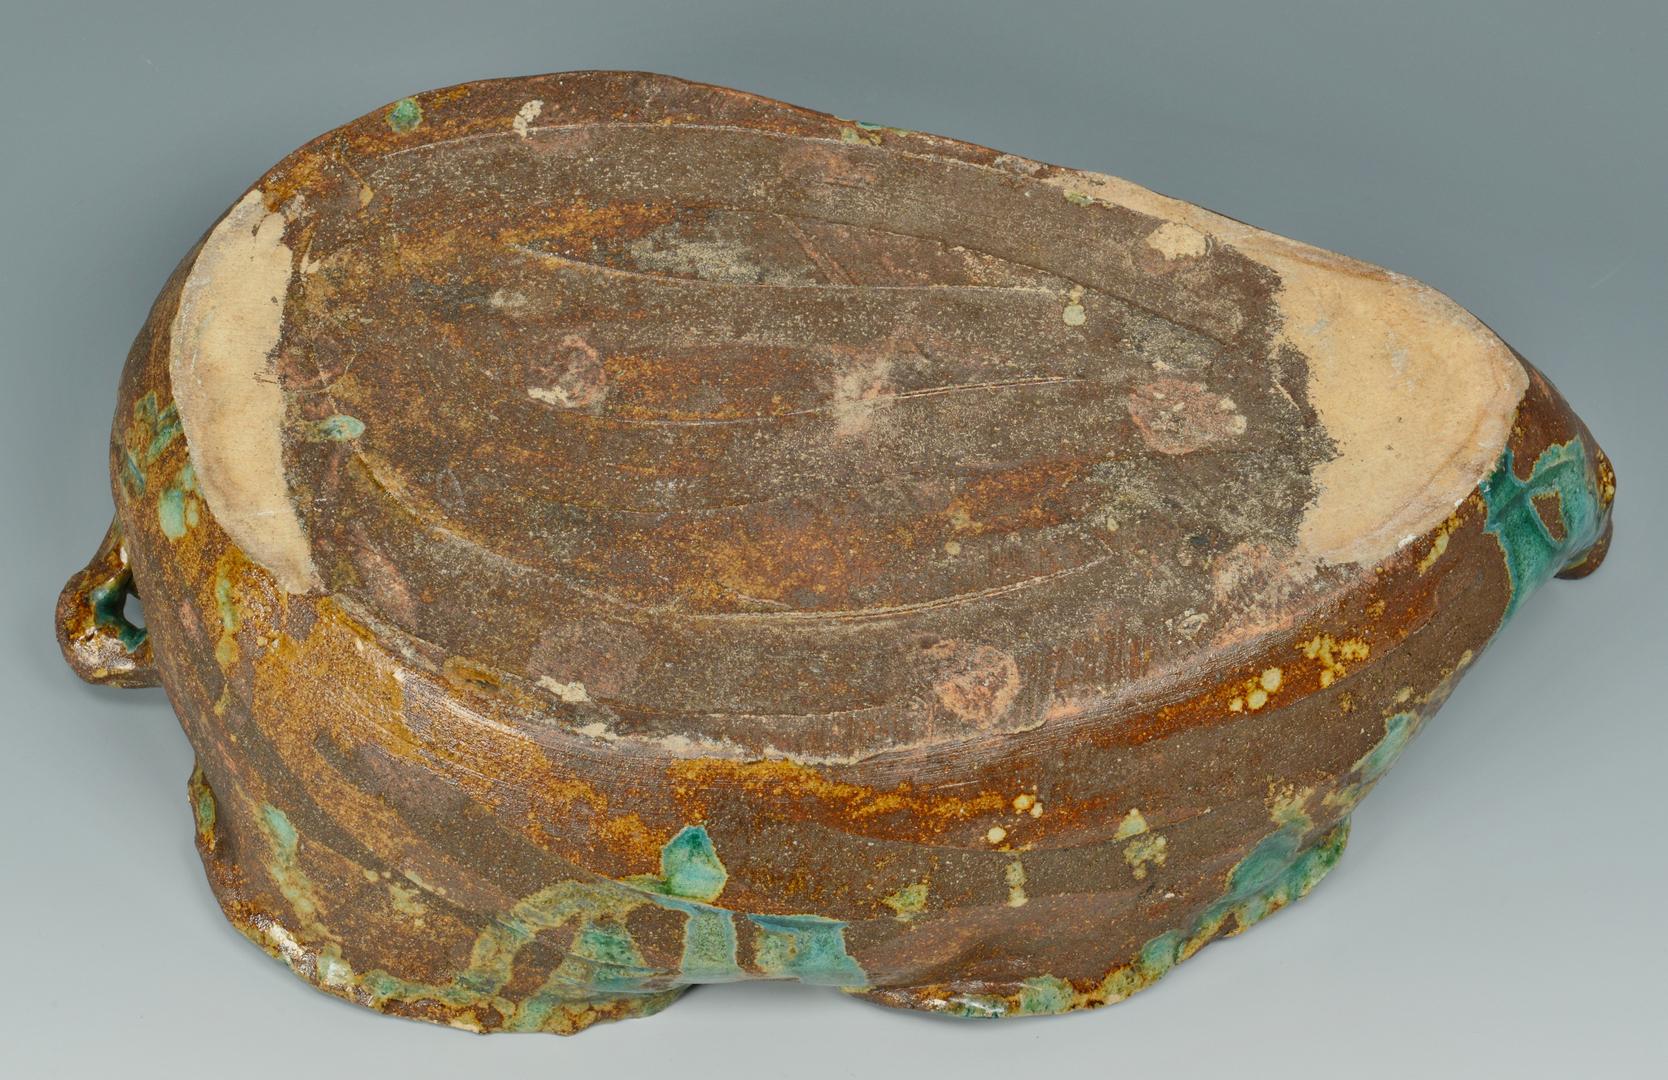 Lot 3088272: Japanese Studio Pottery Leaf-Form Bowl